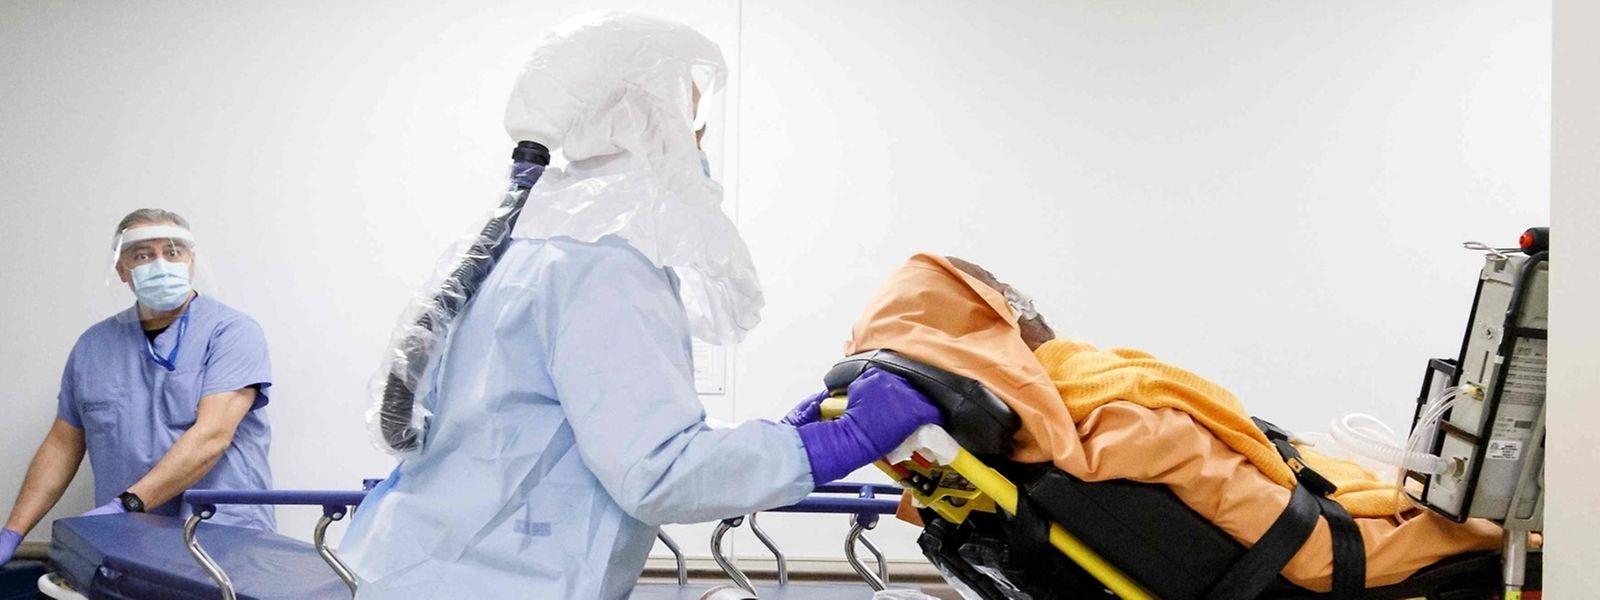 C'est pour bénéficier d'une assistance coeur-poumon que les deux résidents infectés ont été transférés à l'étranger.